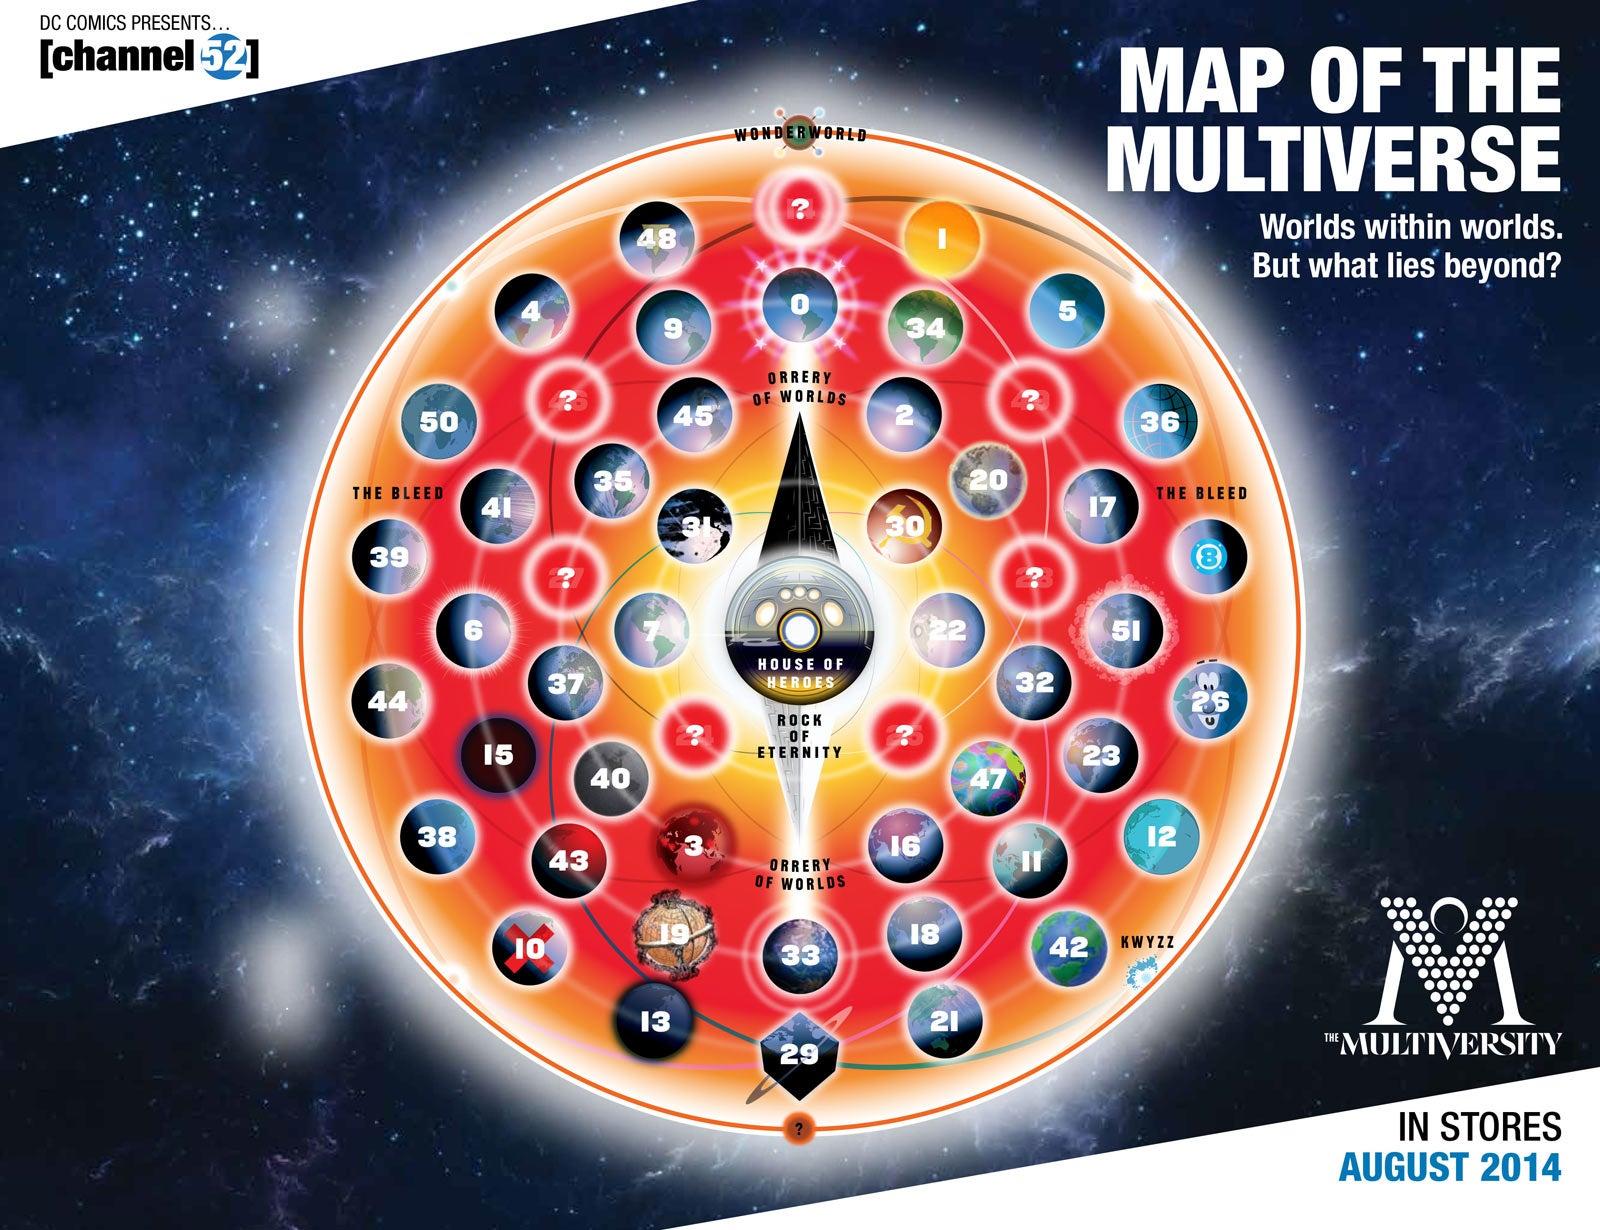 Channel-52-Multiversity-503e0